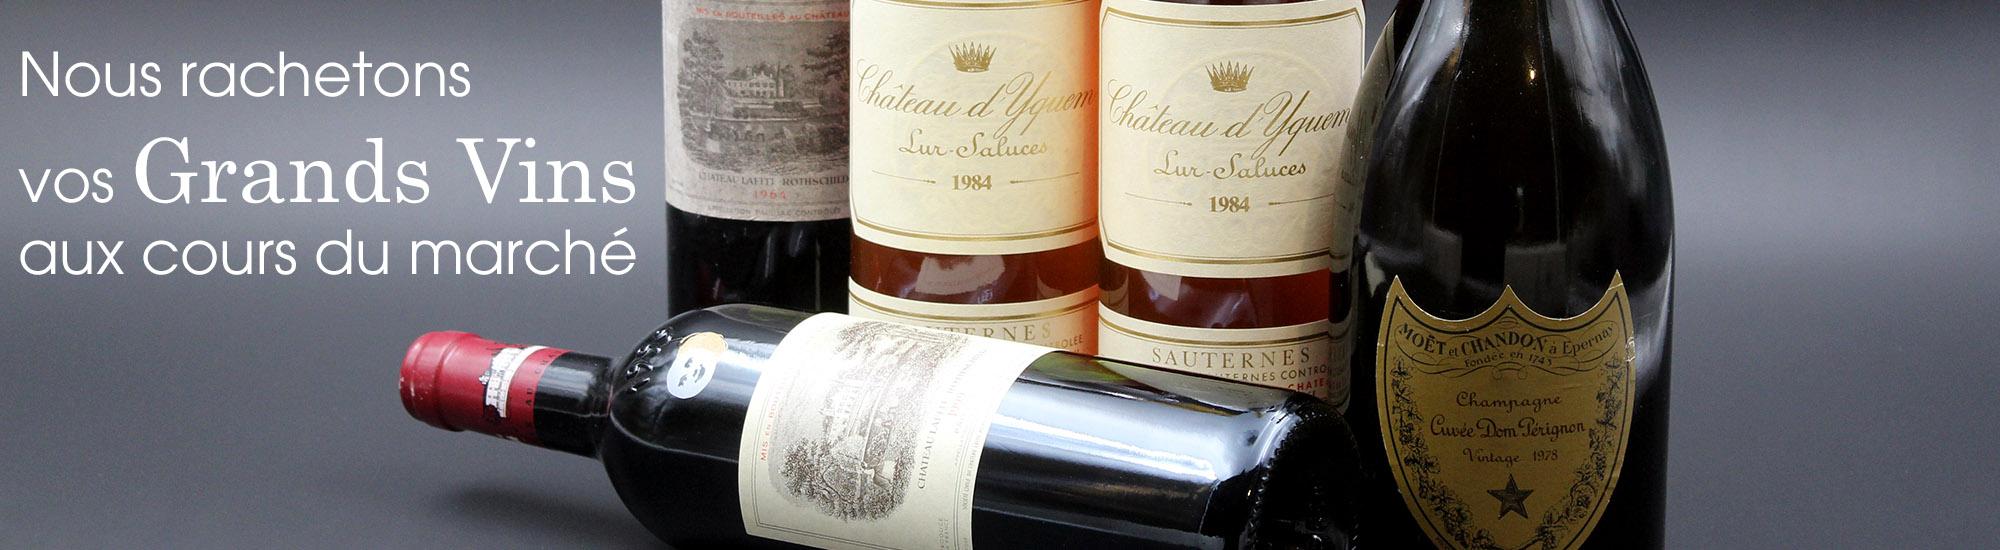 Vendez vos vins, Stephconti rachete vos grands vins ou votre cave aux cours du marché